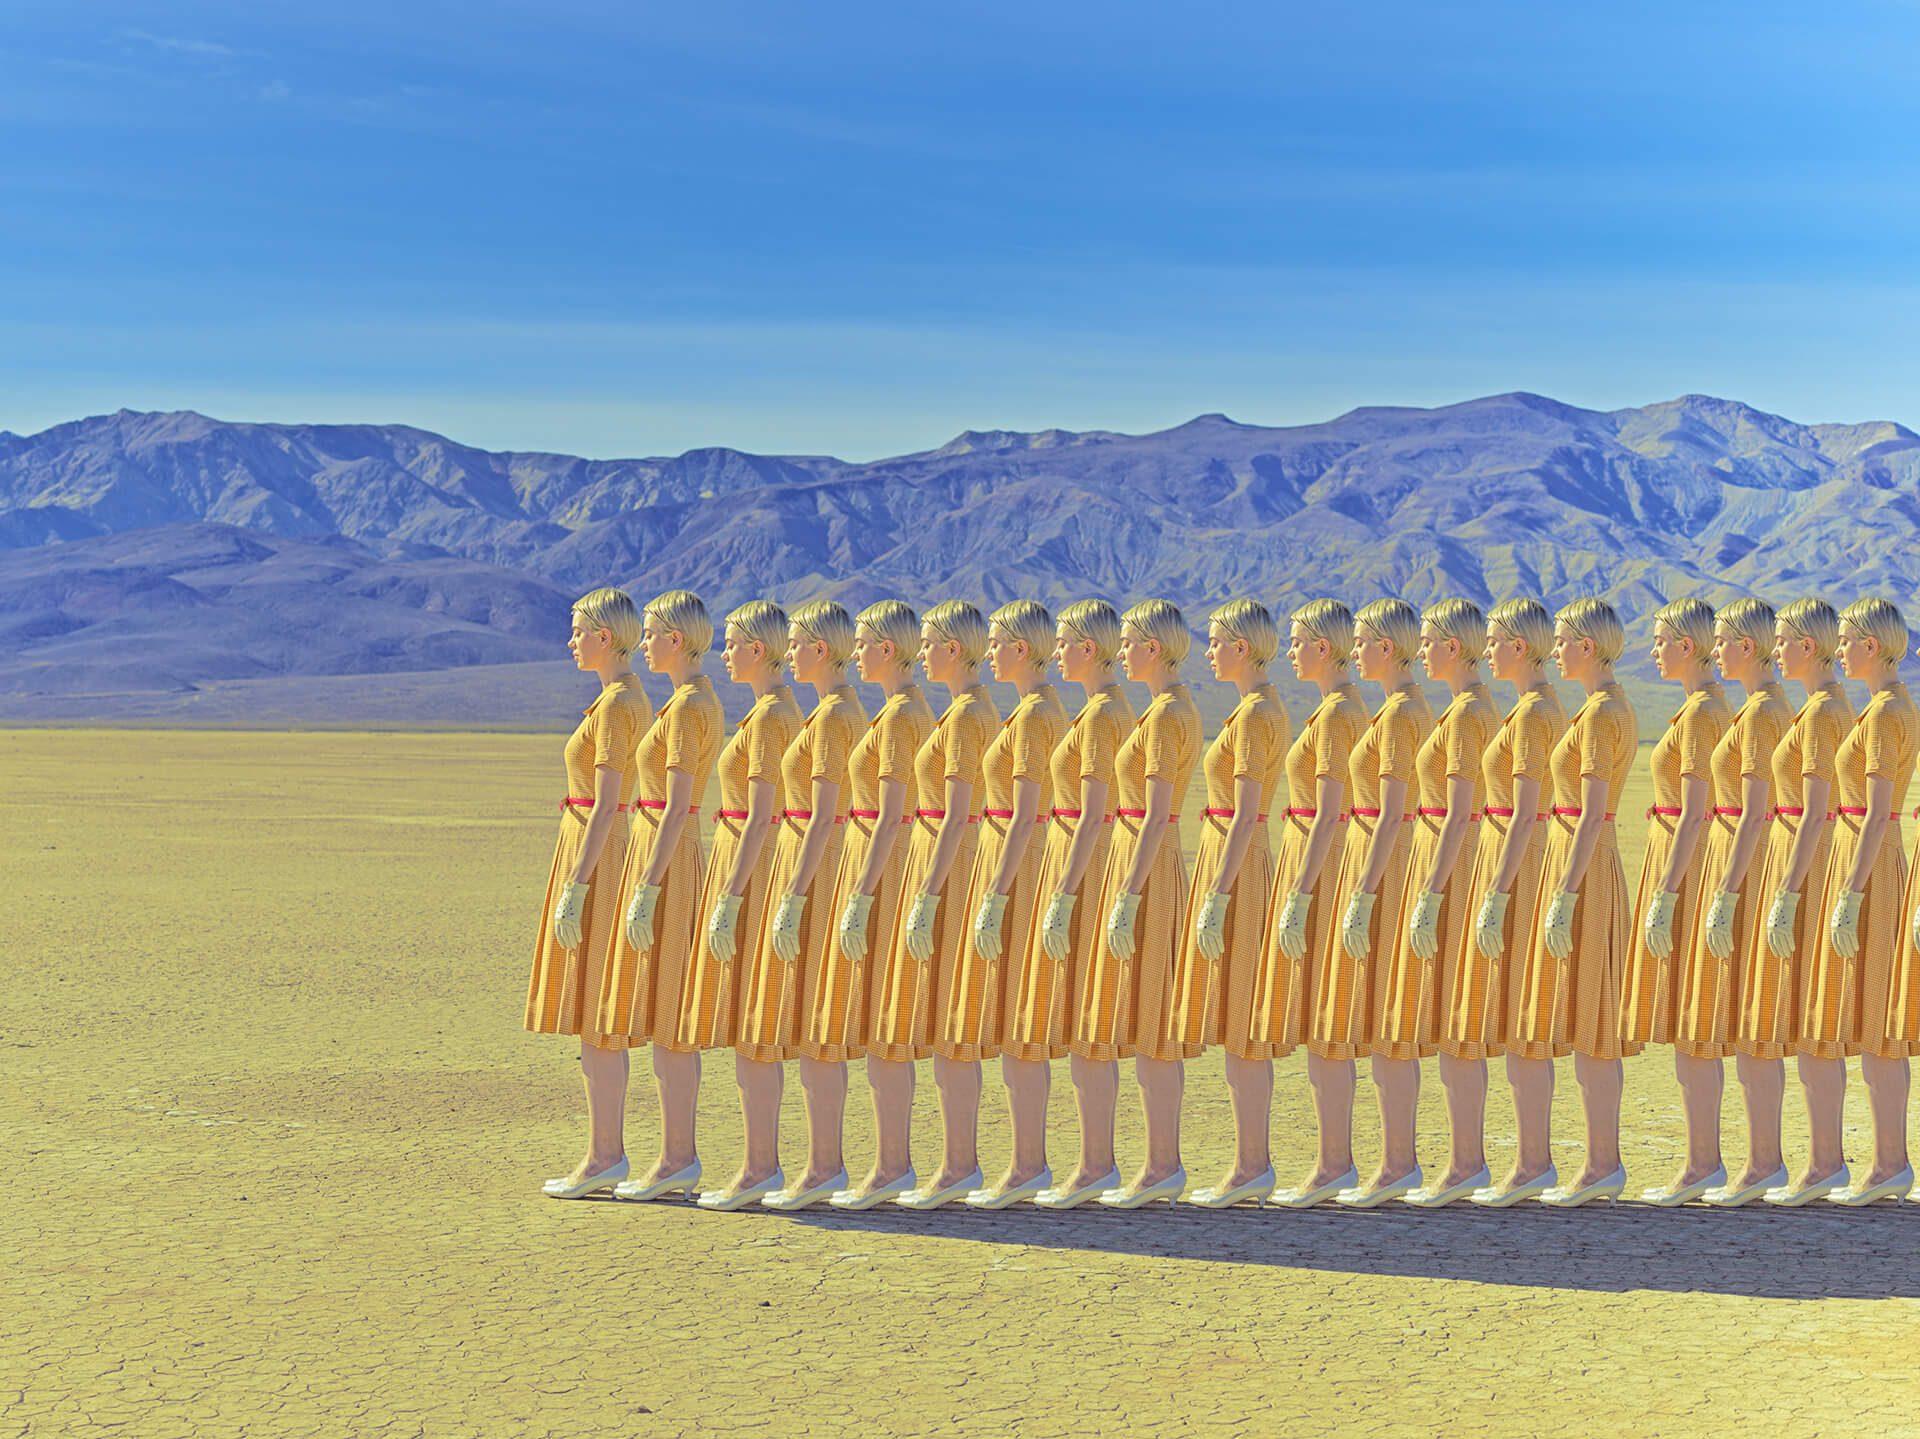 Ακολουθία μοντέλου με κίτρινο φόρεμα